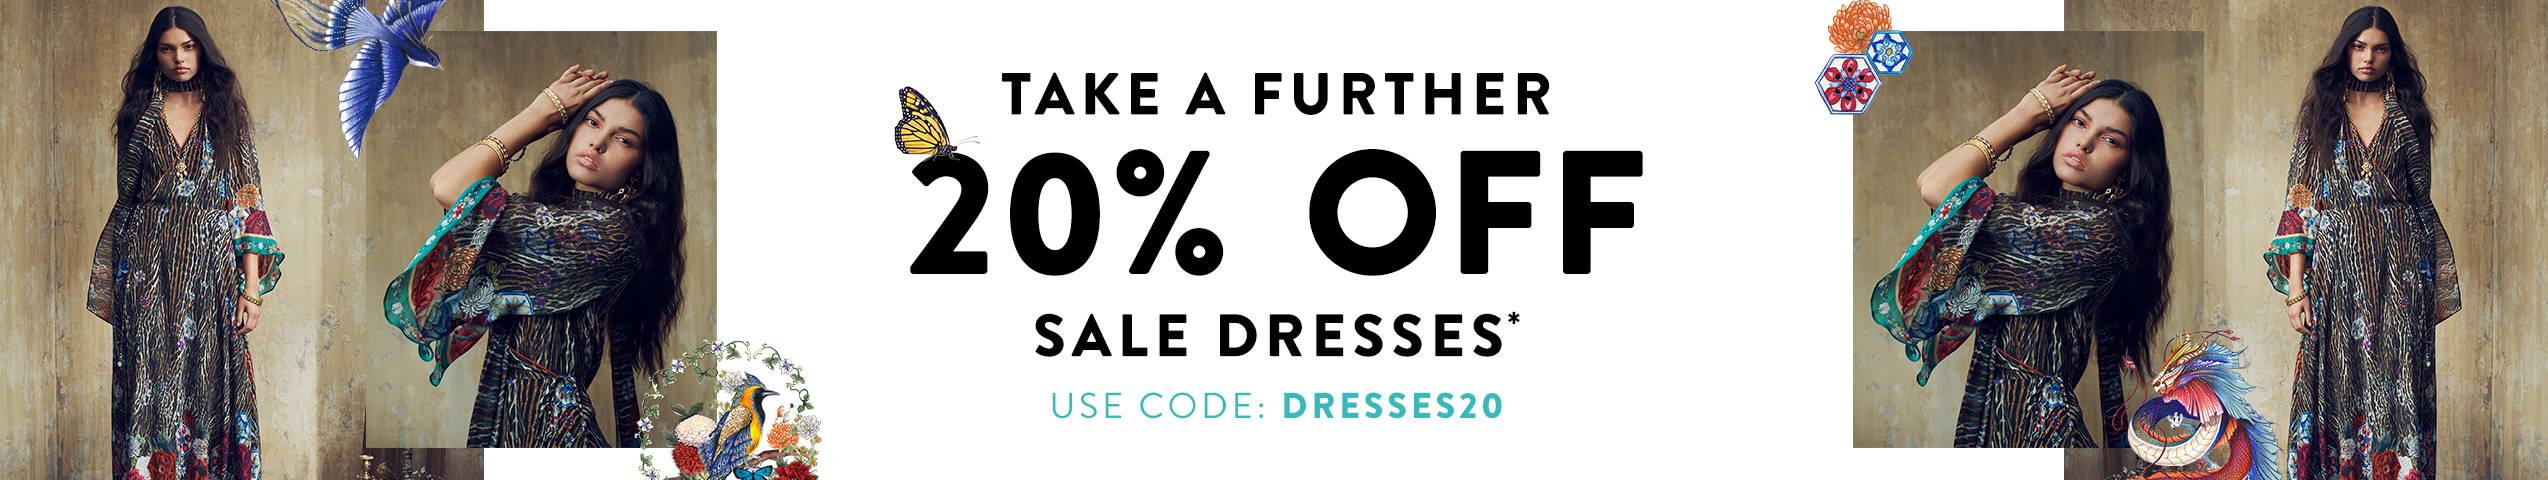 TAF 20% OFF DRESSES